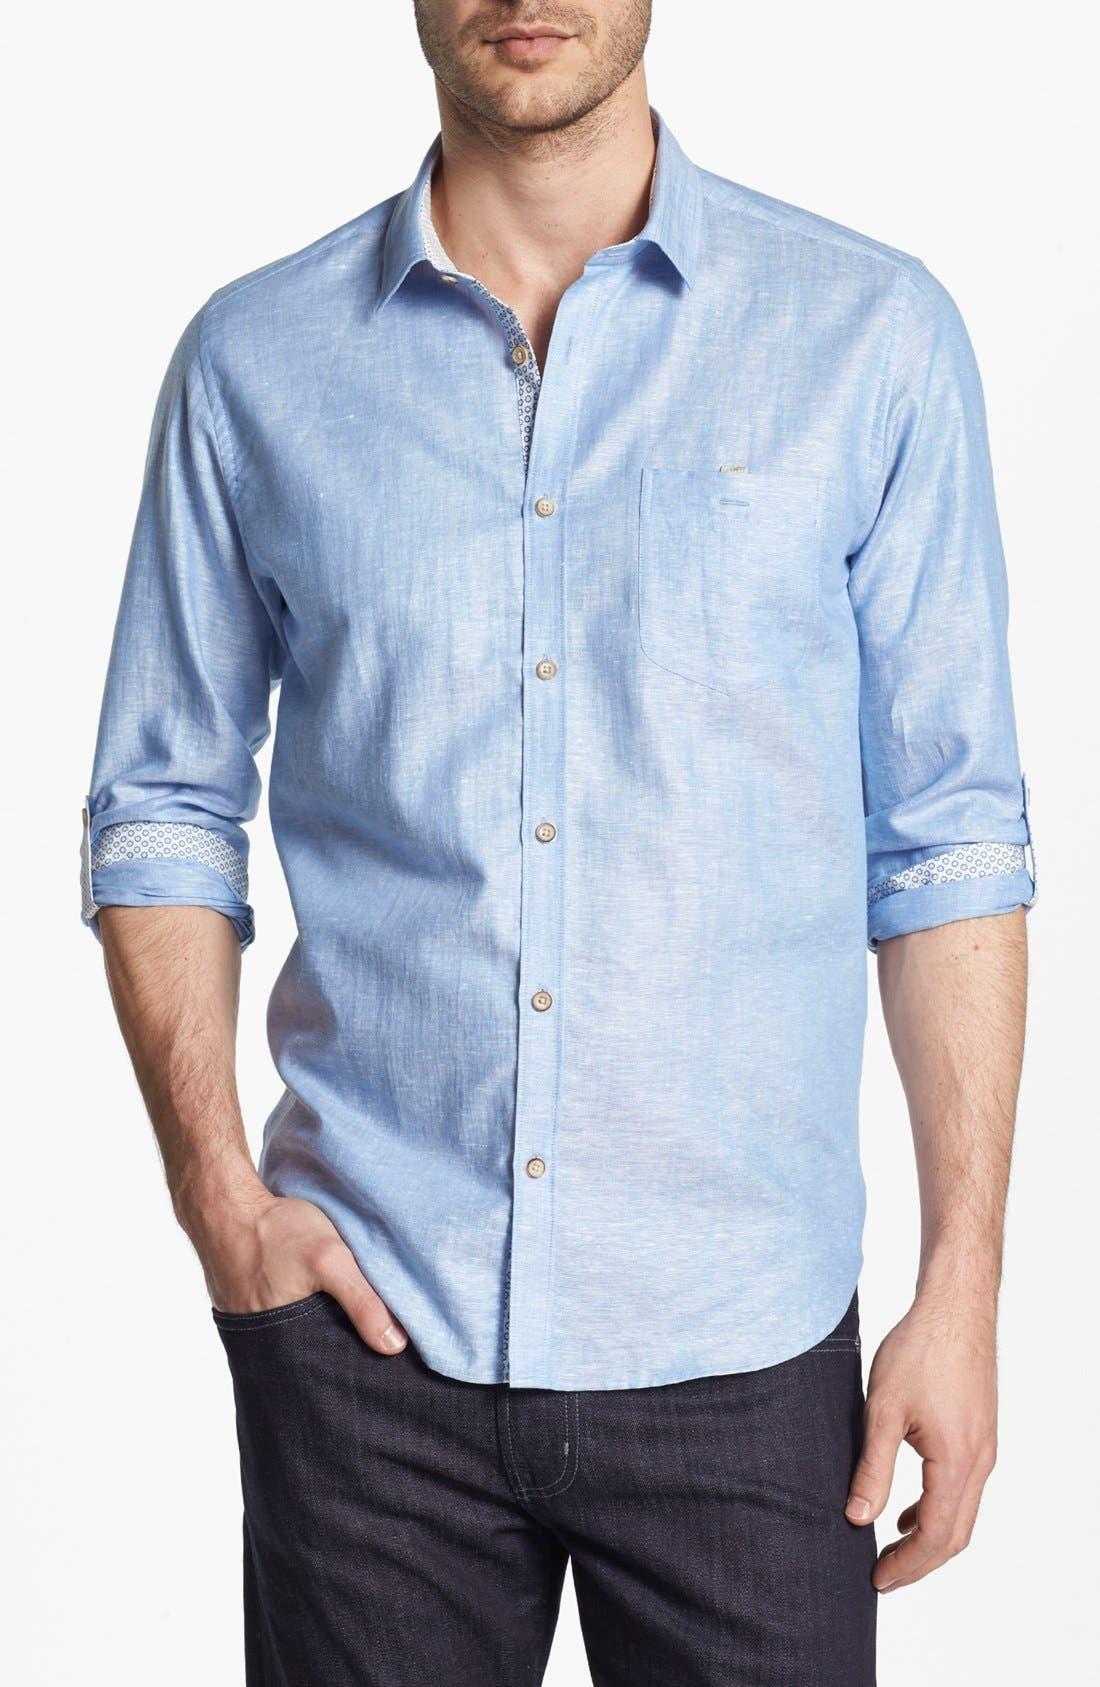 Alternate Image 1 Selected - Ted Baker London Linen Blend Sport Shirt